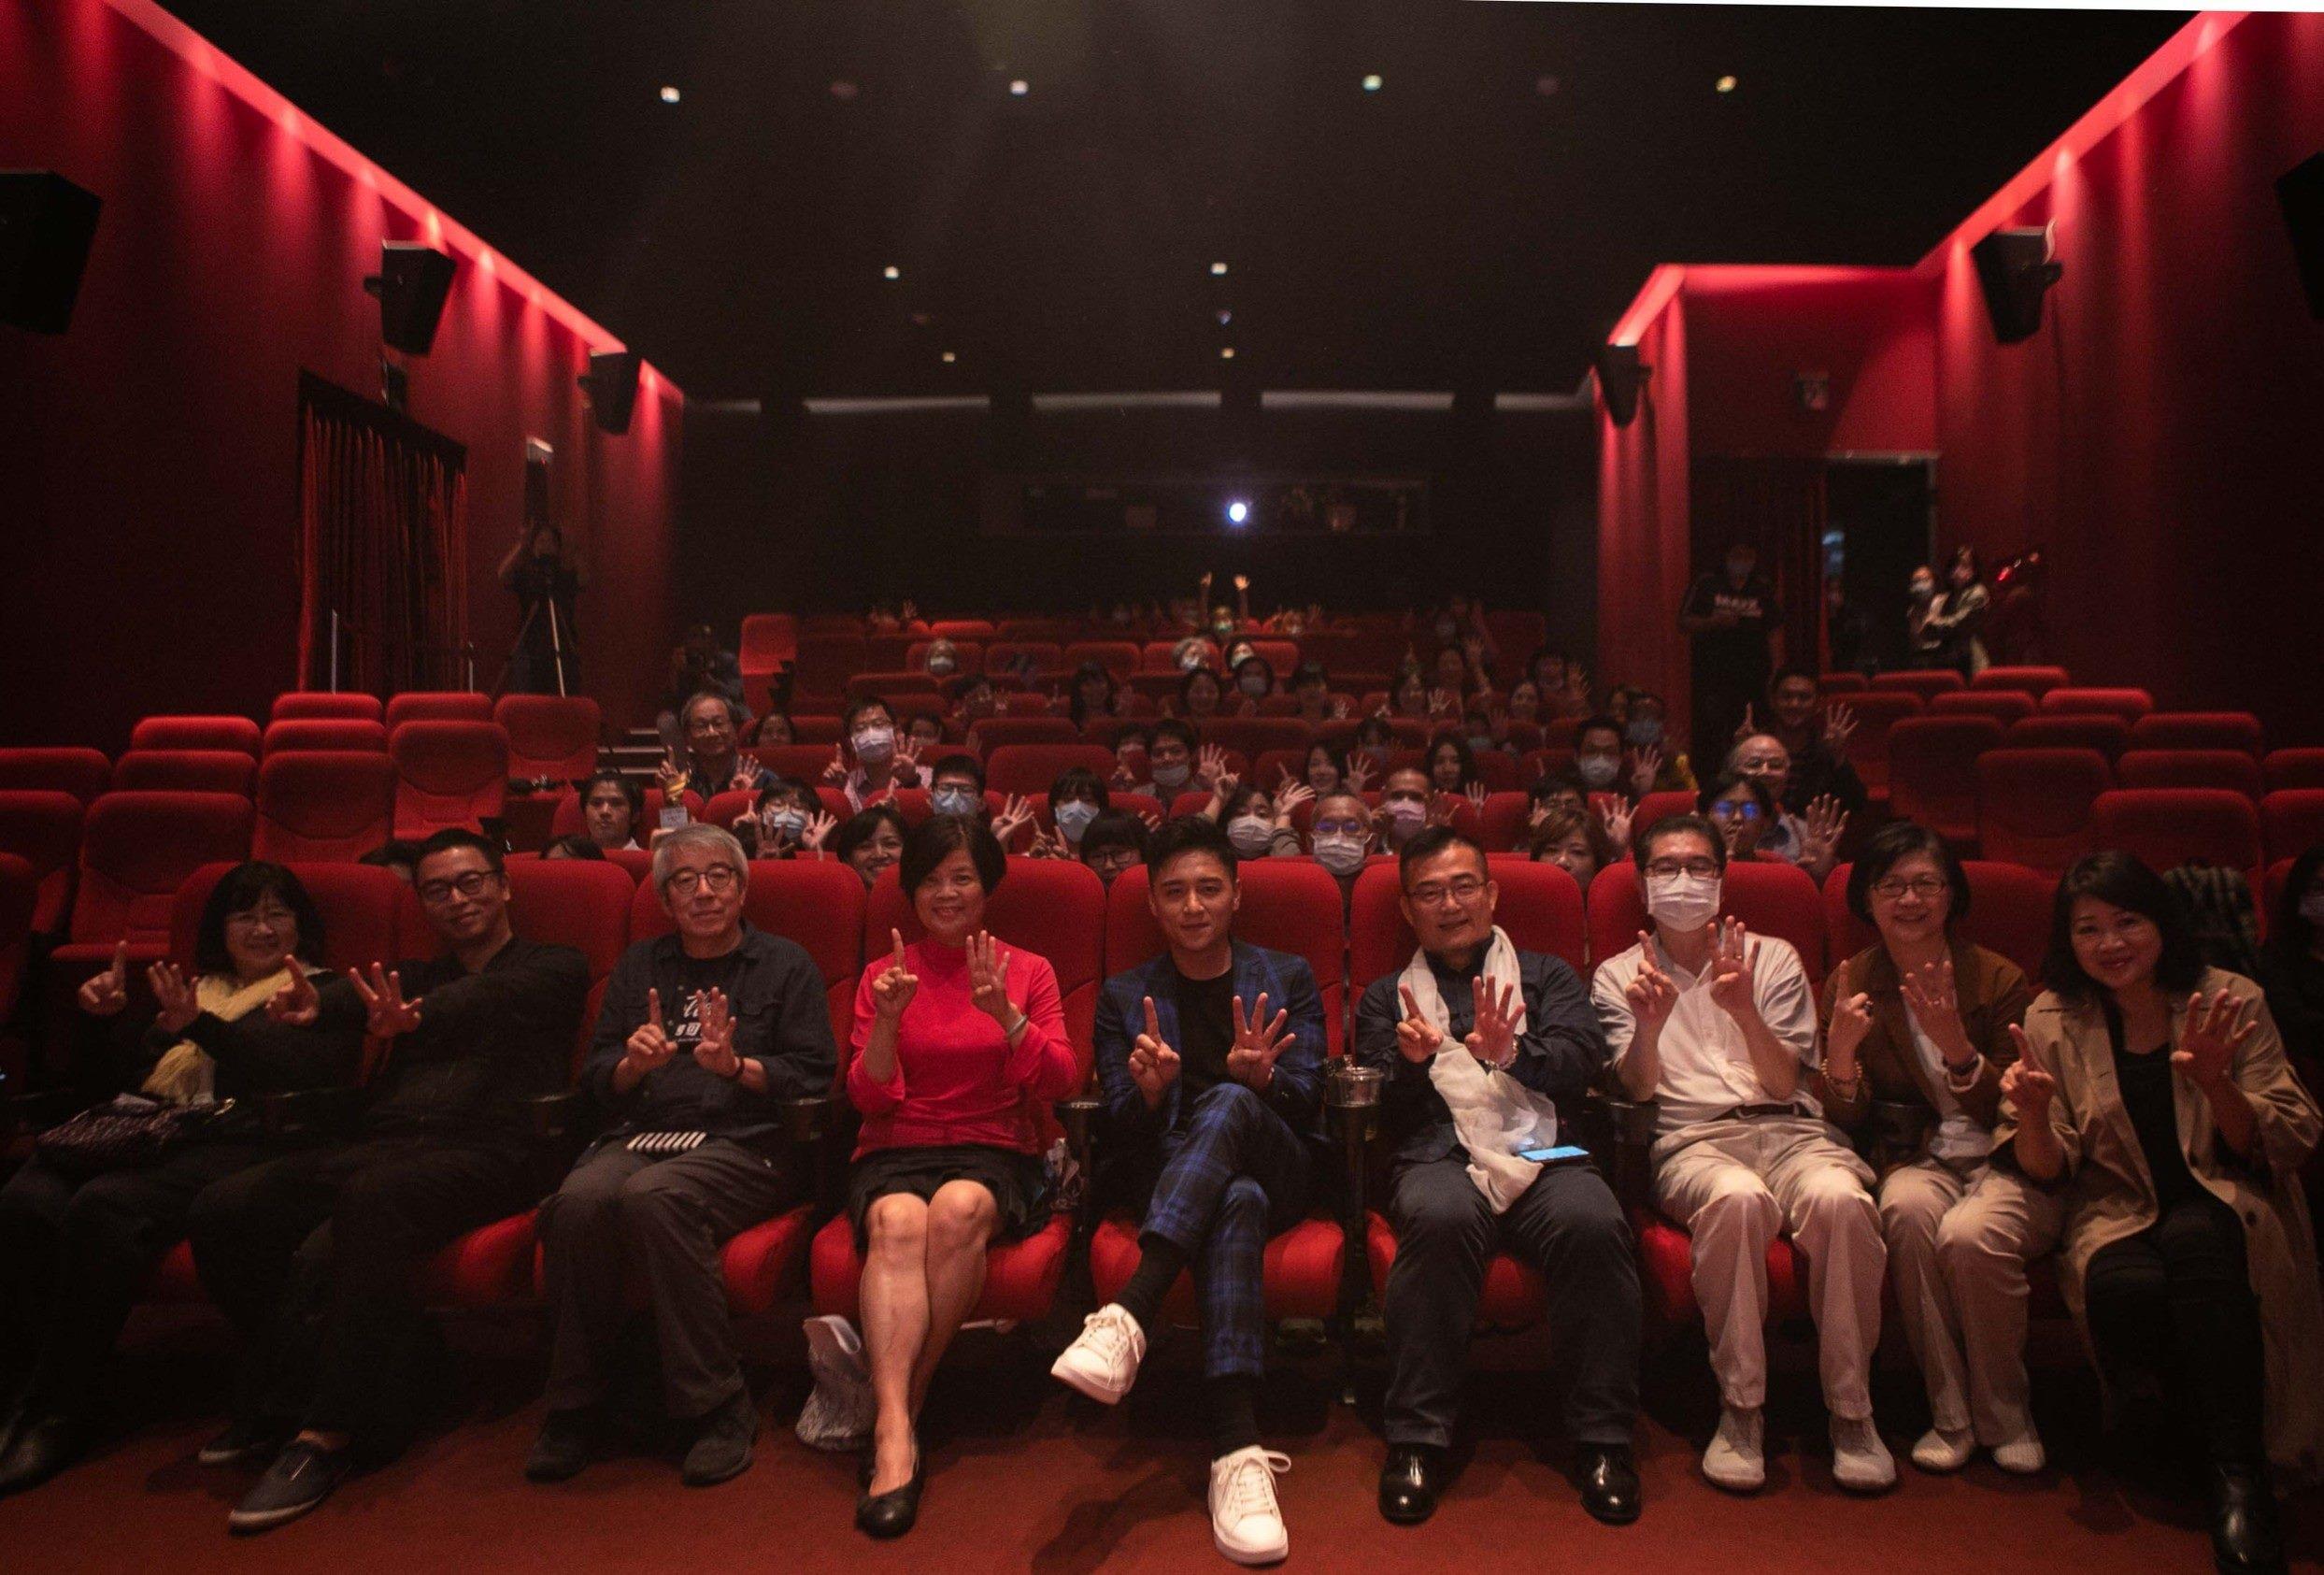 2020勞動金像獎頒獎人、得獎者、評審、代言人及現場觀眾大合影